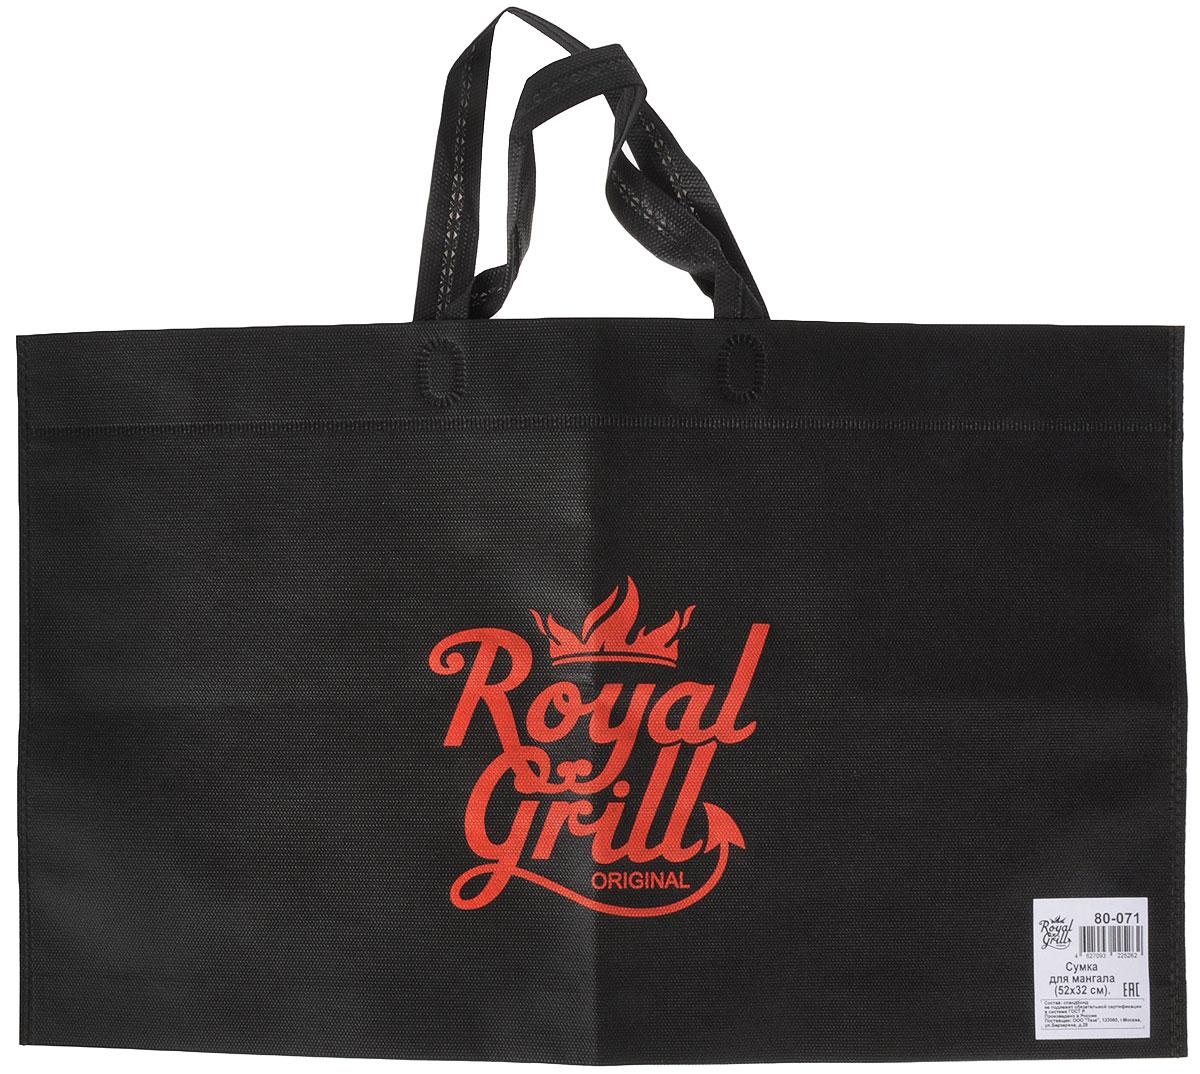 Сумка для мангала RoyalGrill, 52 х 32 см. 80-07154 009312Сумка изготовлена из спандбонда и предназначена для переноски мангала на пикнике и в туристических походах. Изделие оснащено двумя удобными ручками. Размер сумки: 52 х 32 см. Высота ручек: 14 см.